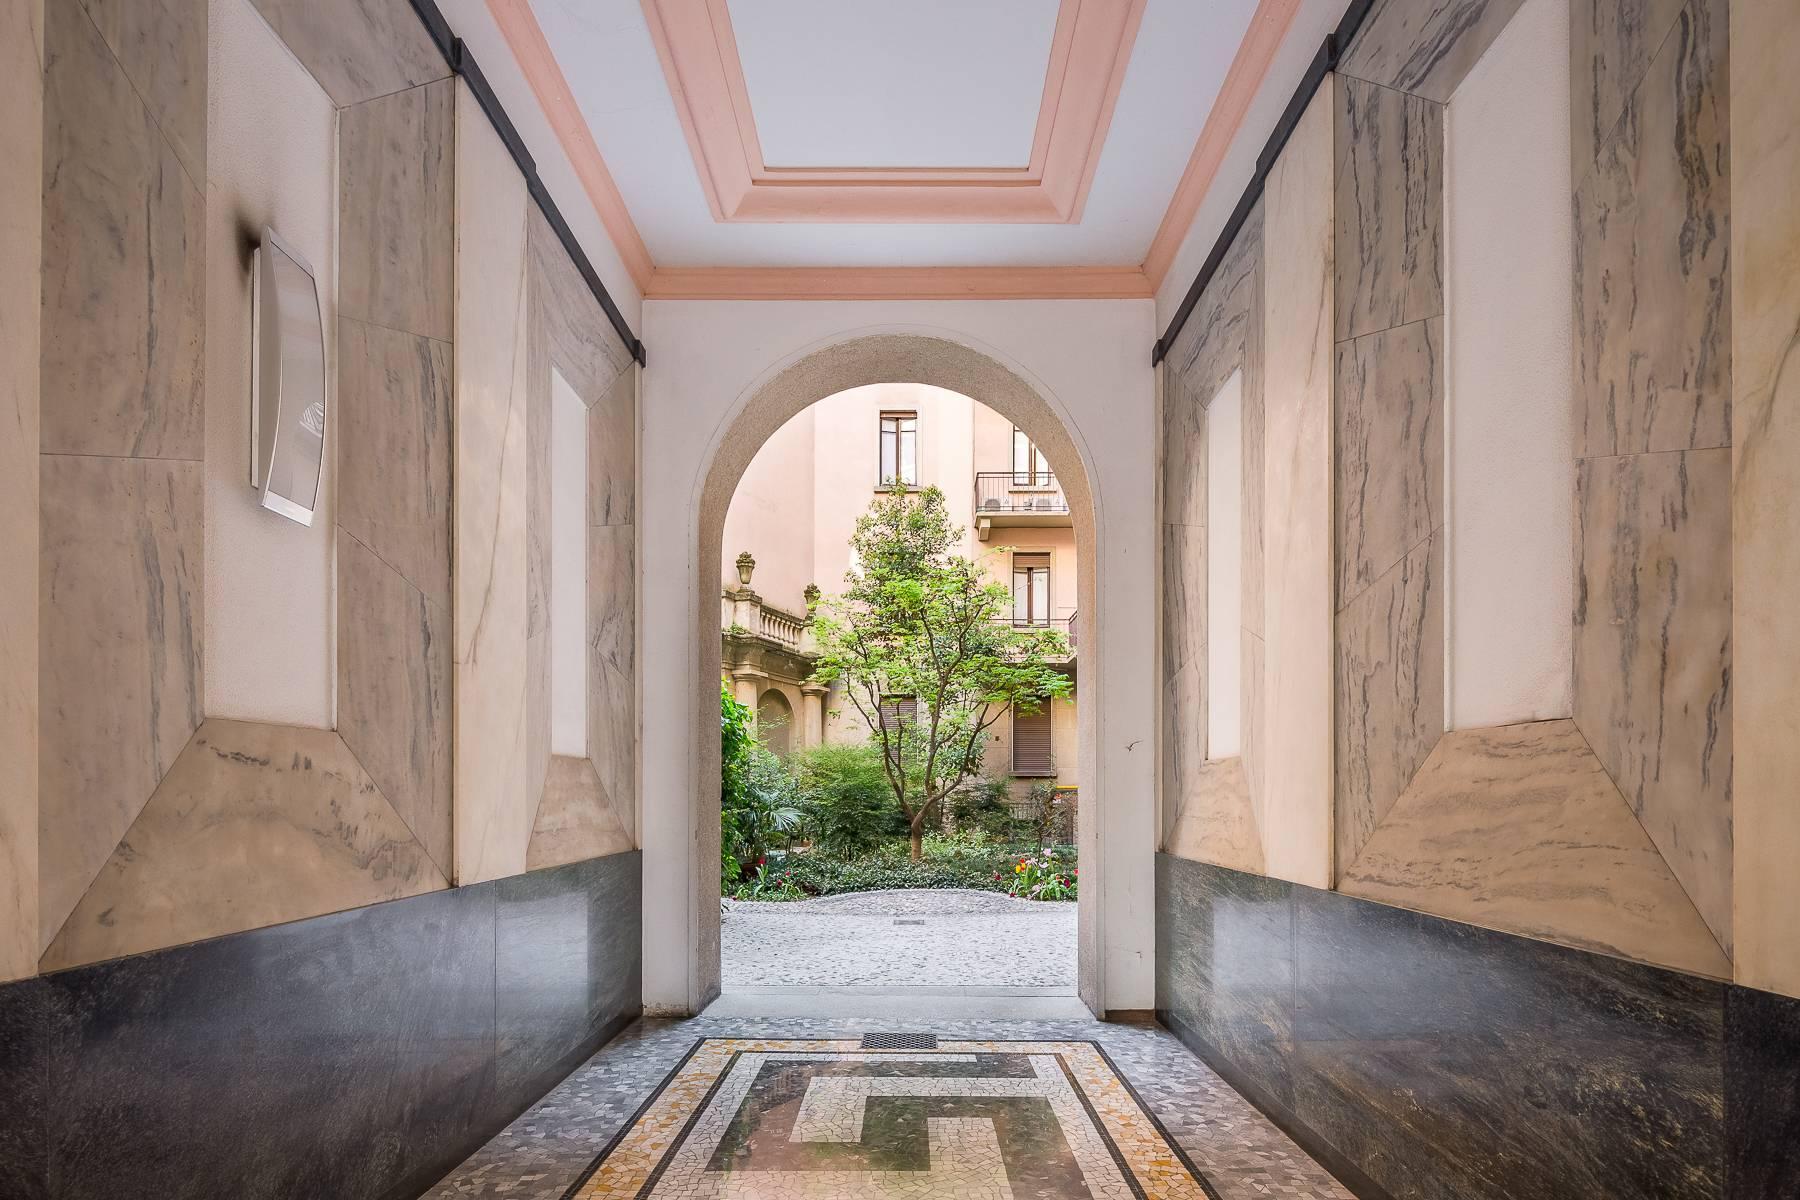 Appartamento esclusivo di 200 mq in nuda proprietà in un palazzo d'epoca - 18